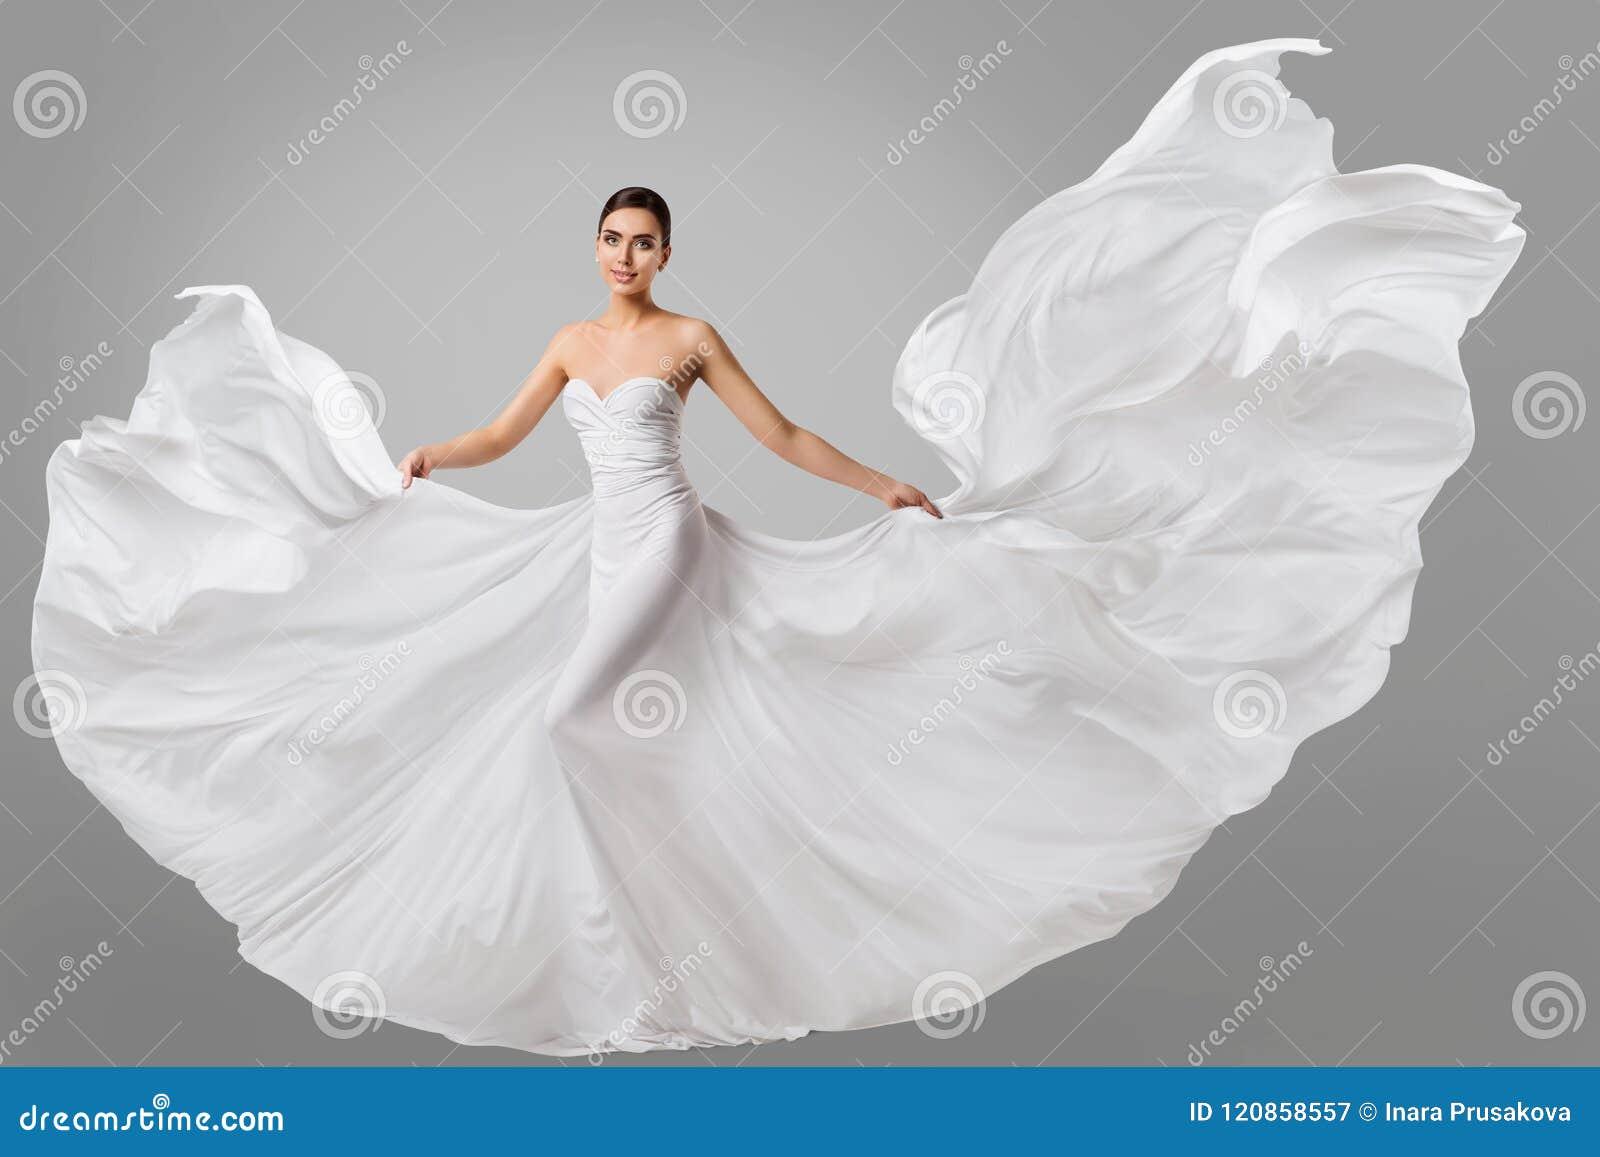 Vestido branco da mulher, modelo de forma do casamento no vestido de seda longo da noiva